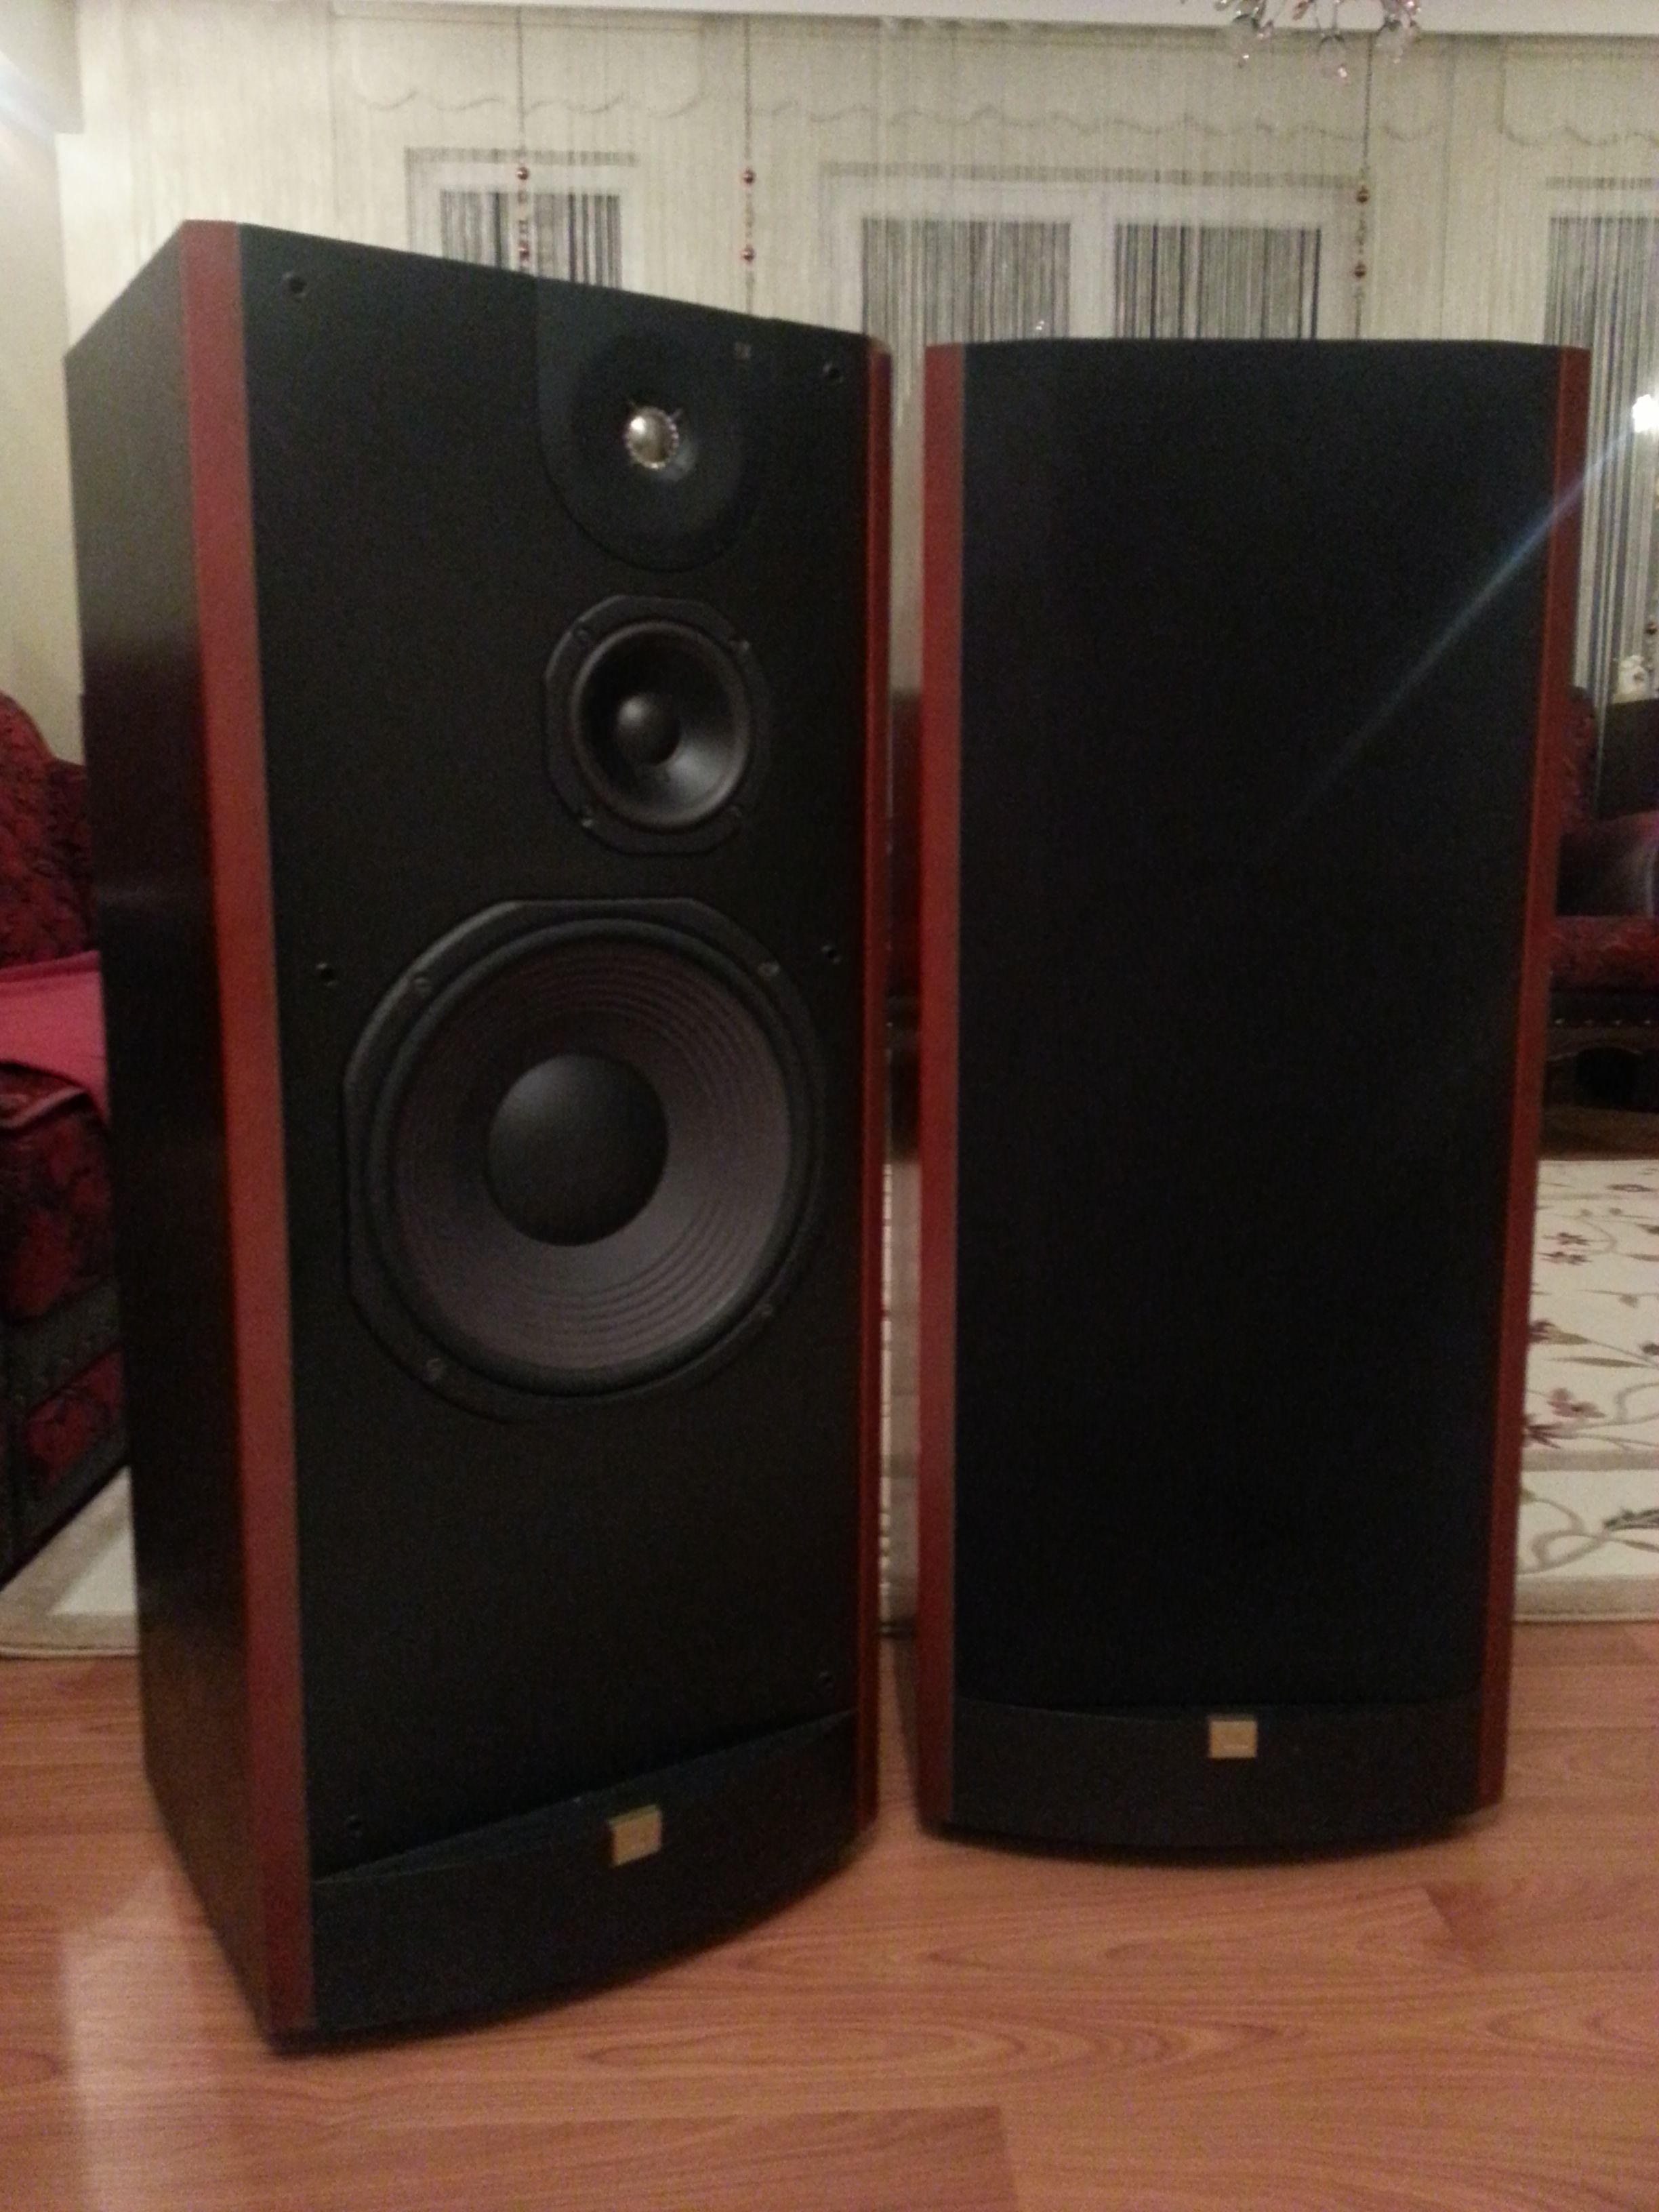 jbl tower speakers. jbl l 100 model tower mkii made in denmark jbl tower speakers